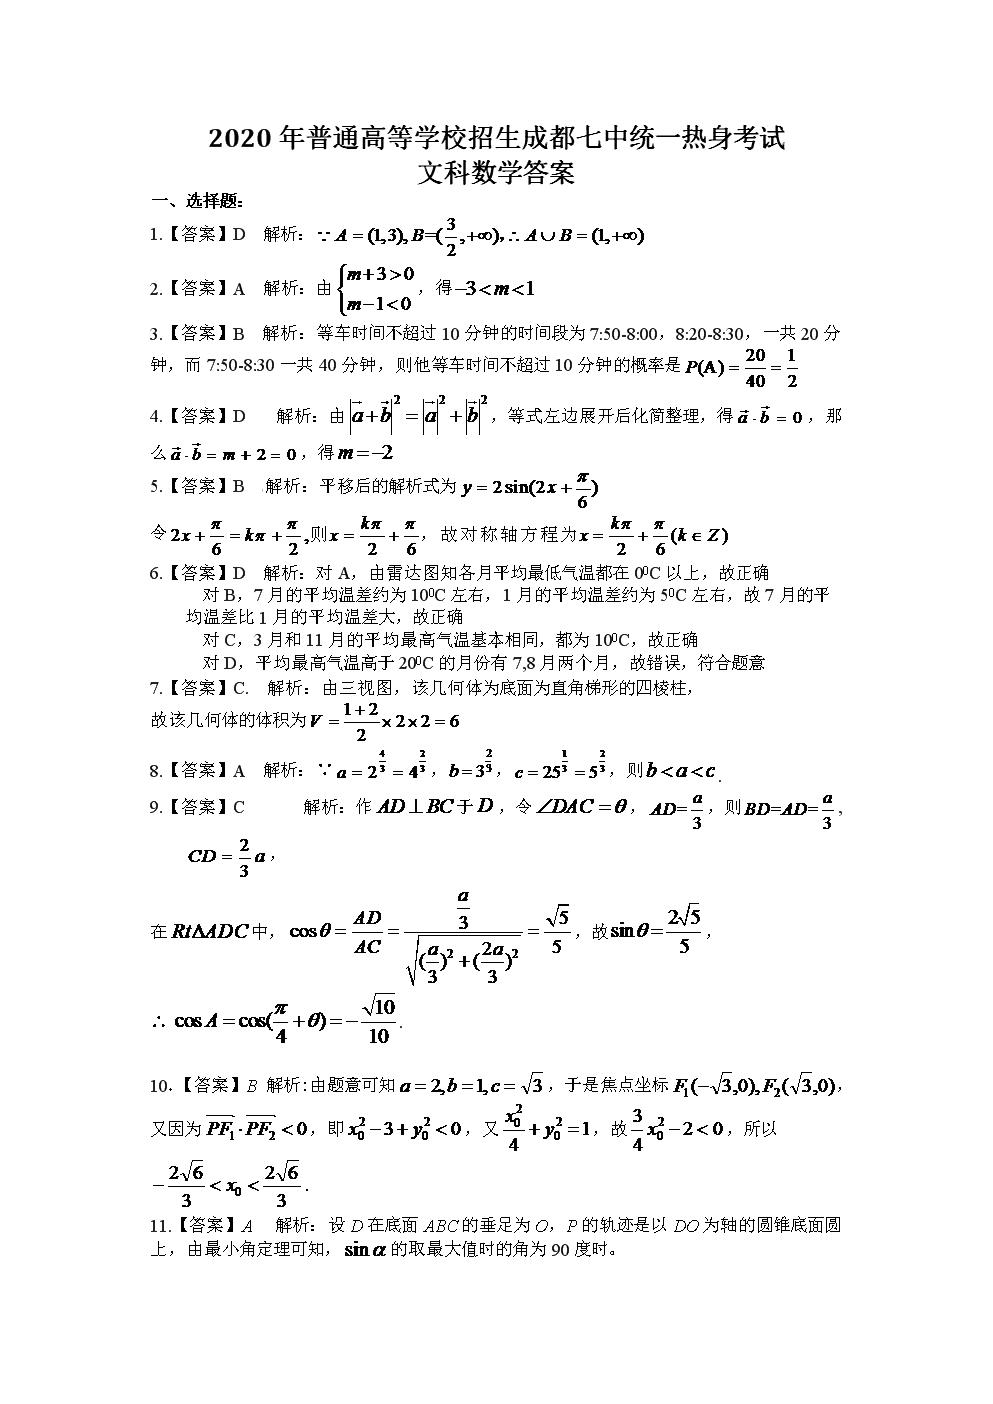 熱身數學考試(文科答案).doc